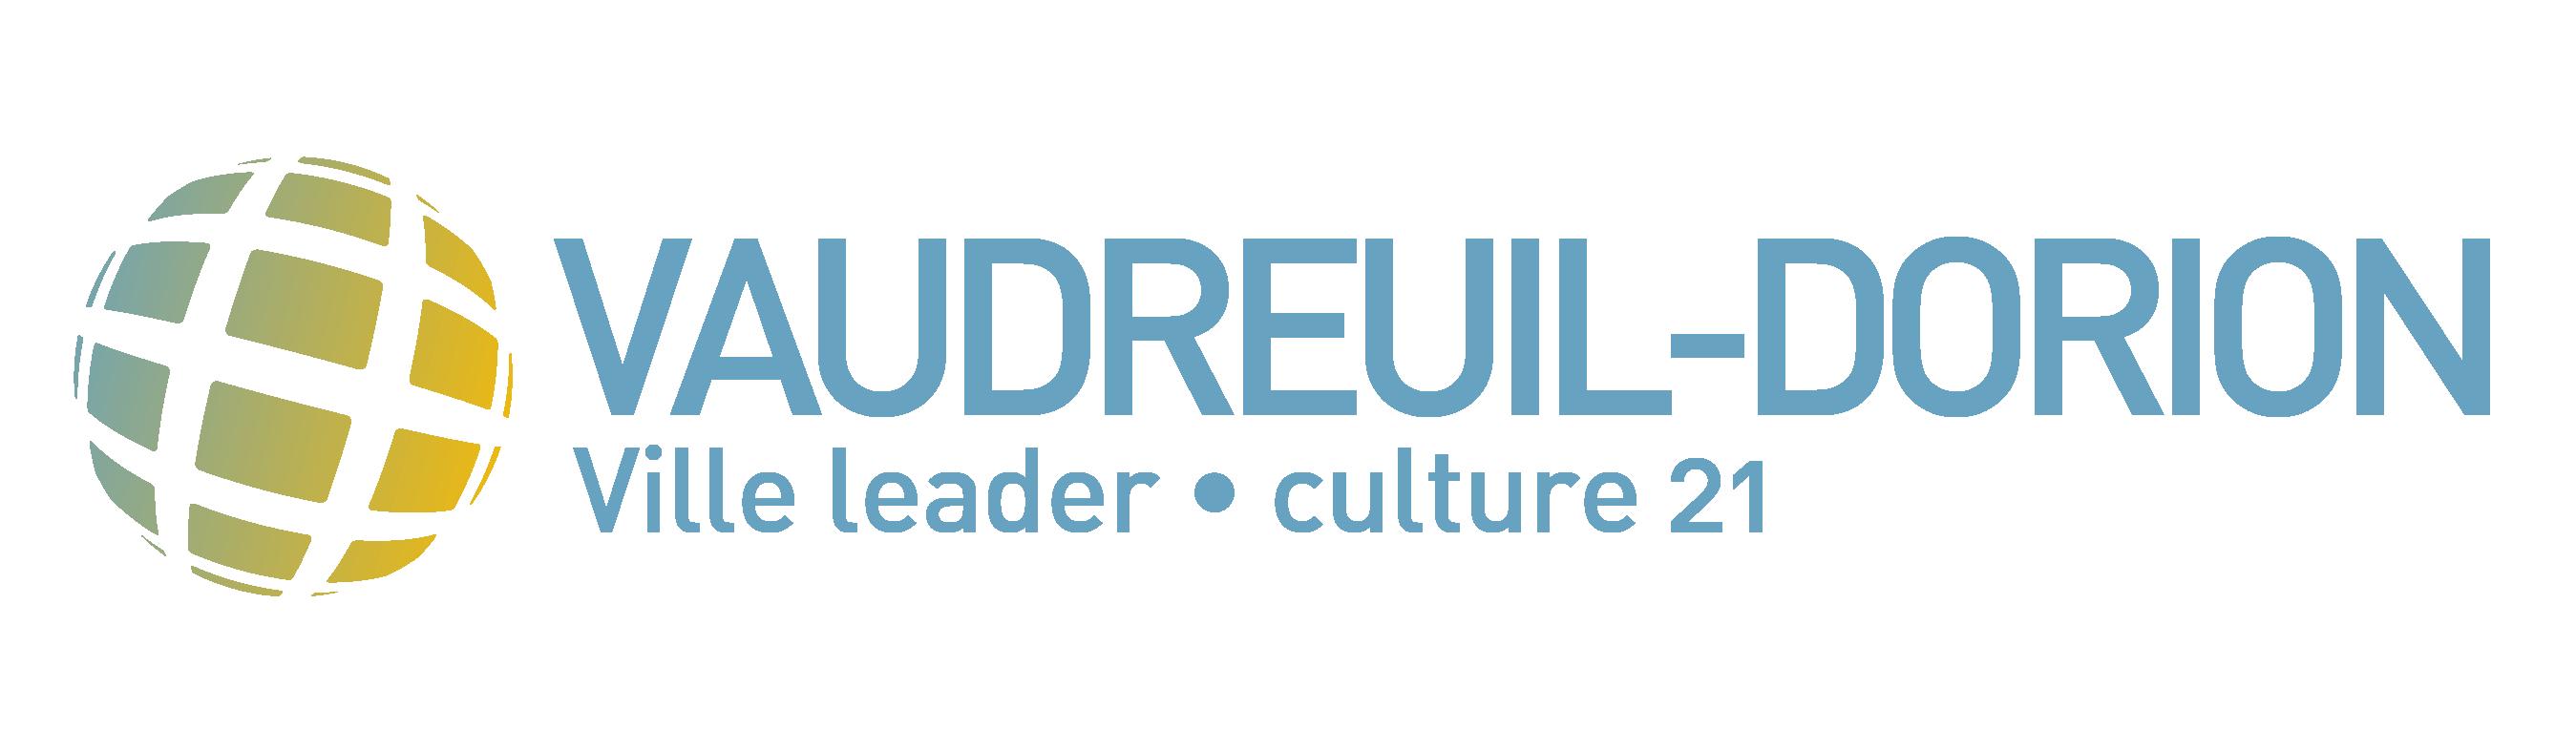 Logo Vaudreuil-Dorion